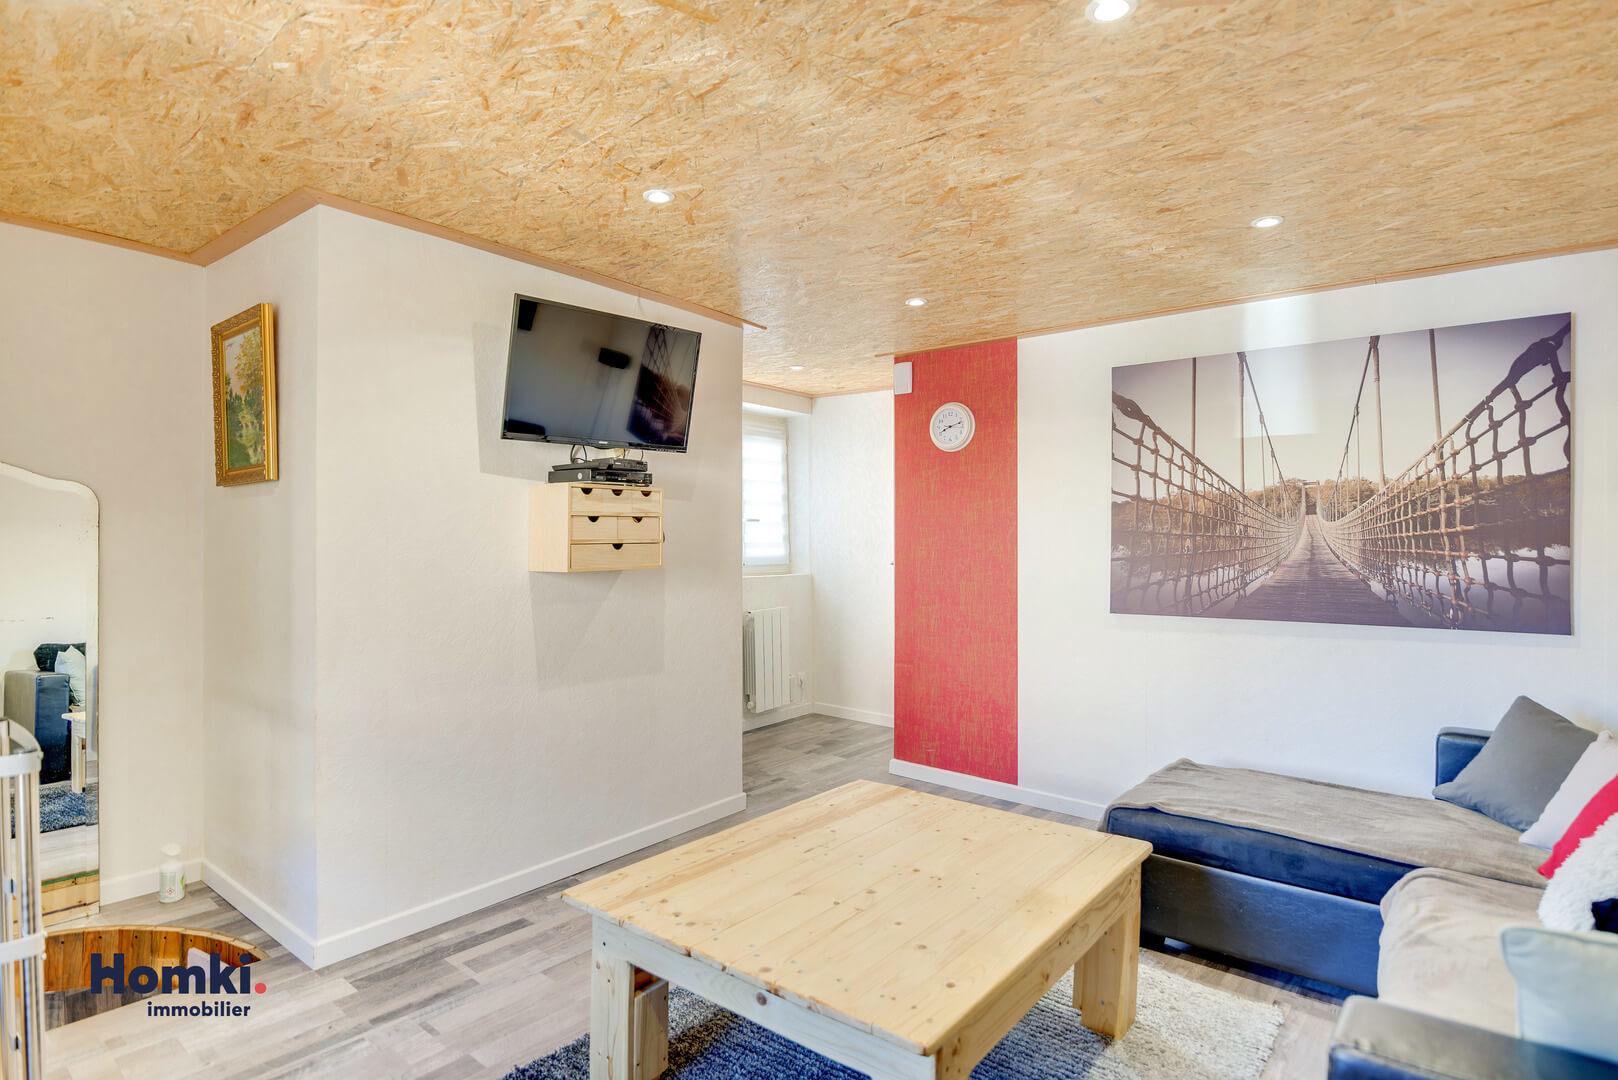 Vente Maison 110 m² T6 04210_4